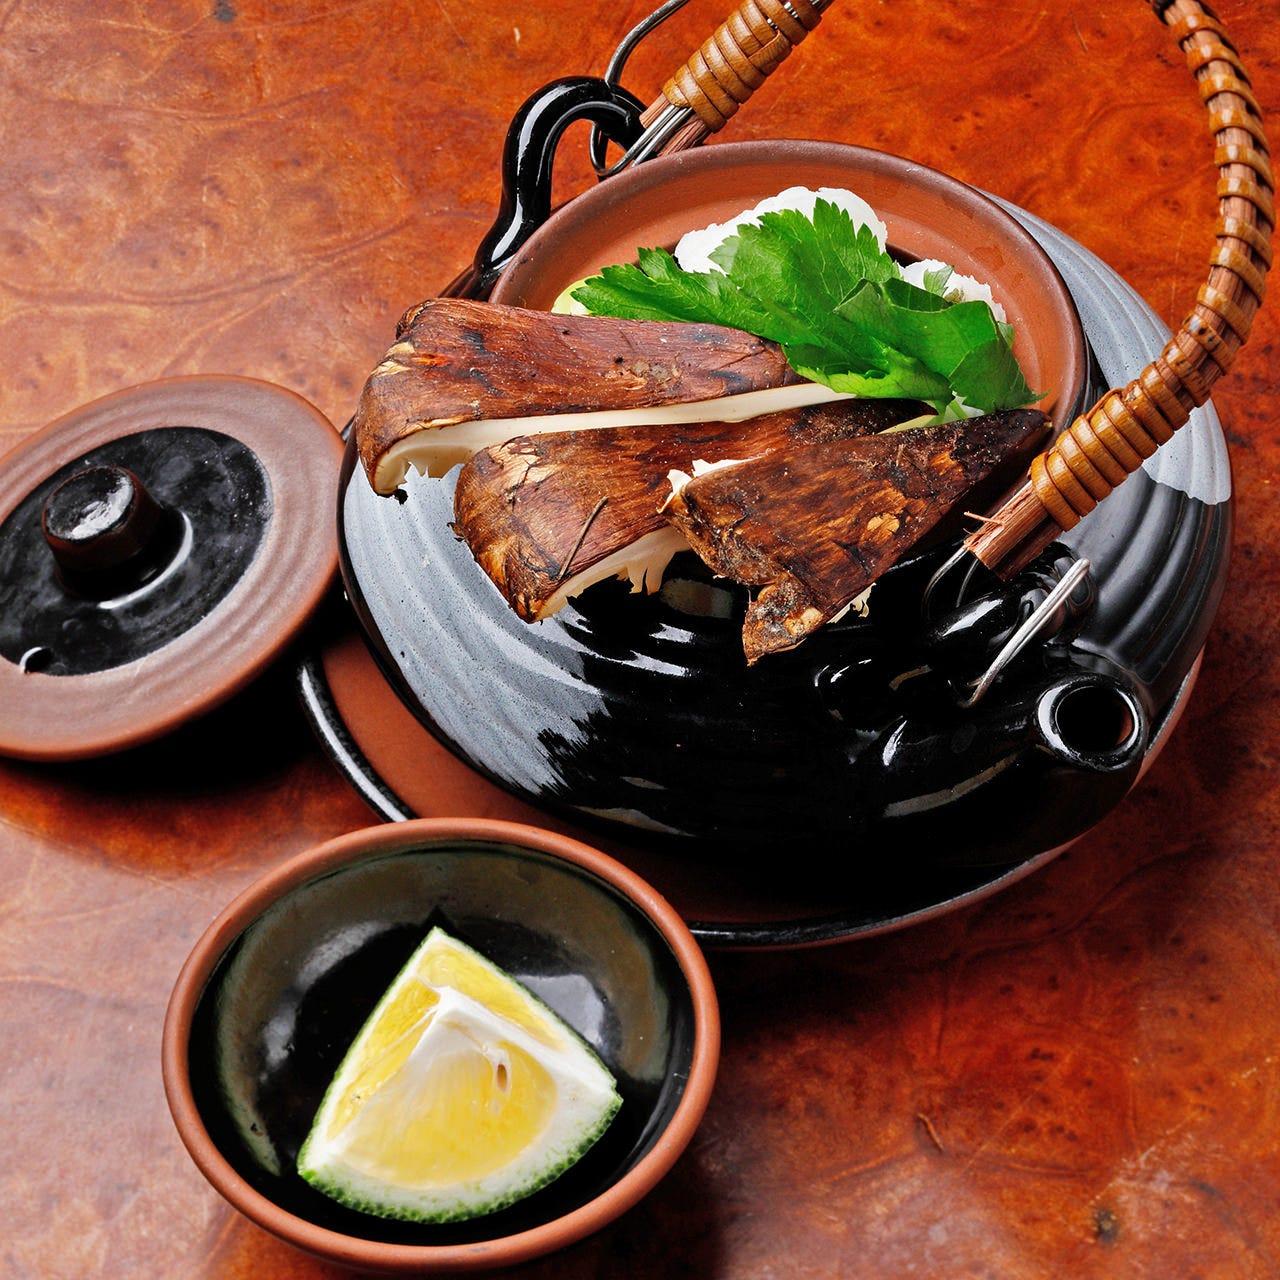 全国から厳選した日本酒と一緒にアラカルトをご堪能ください。